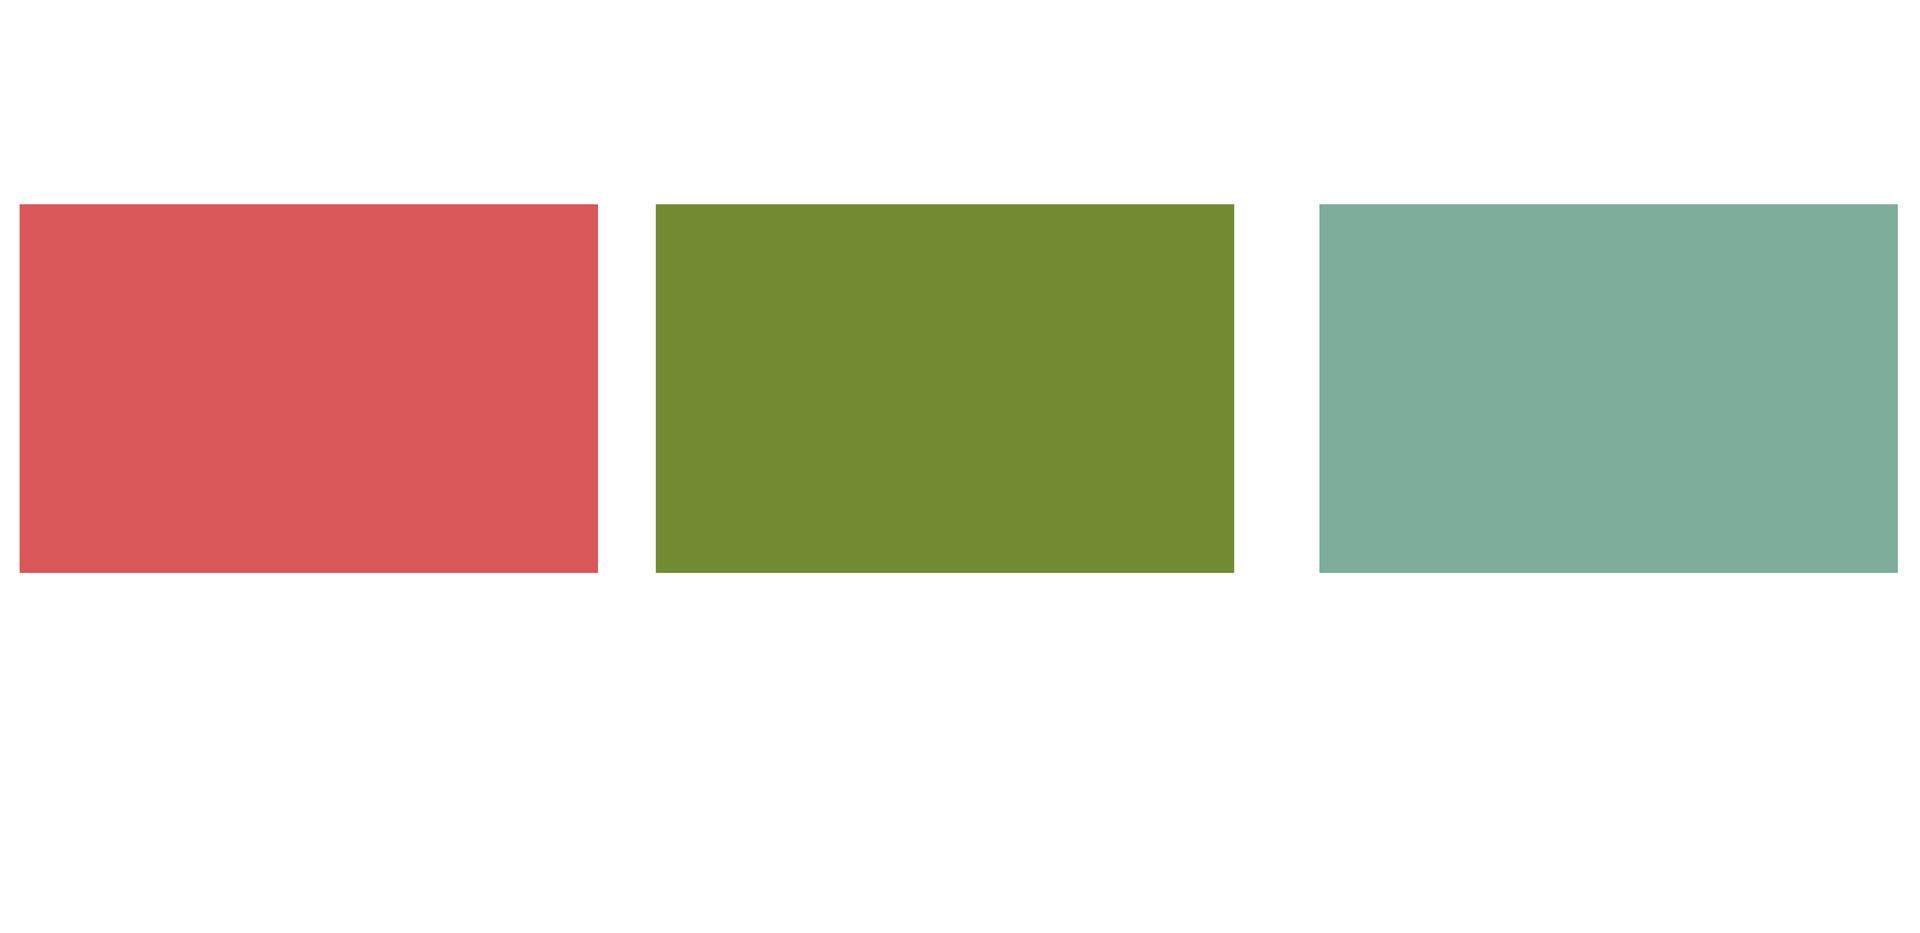 palette penrose 3